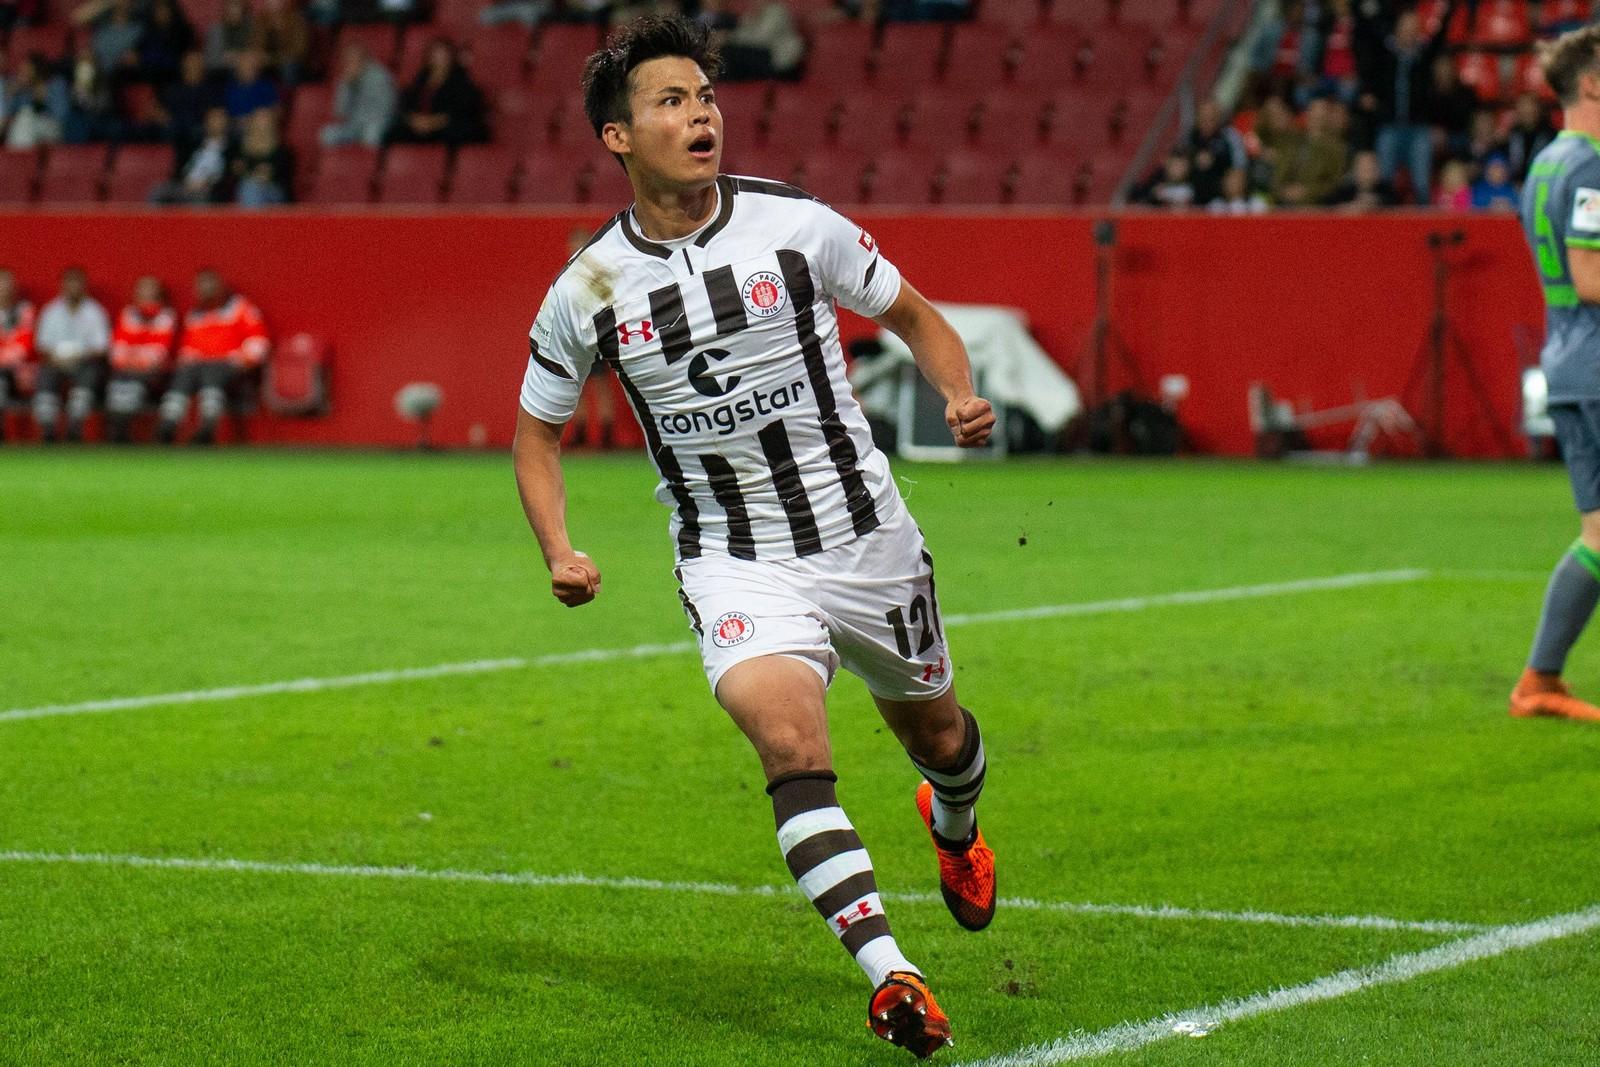 Ryo Miyaichi vom FC St. Pauli bejubelt seinen Siegtreffer gegen den FC Ingolstadt.